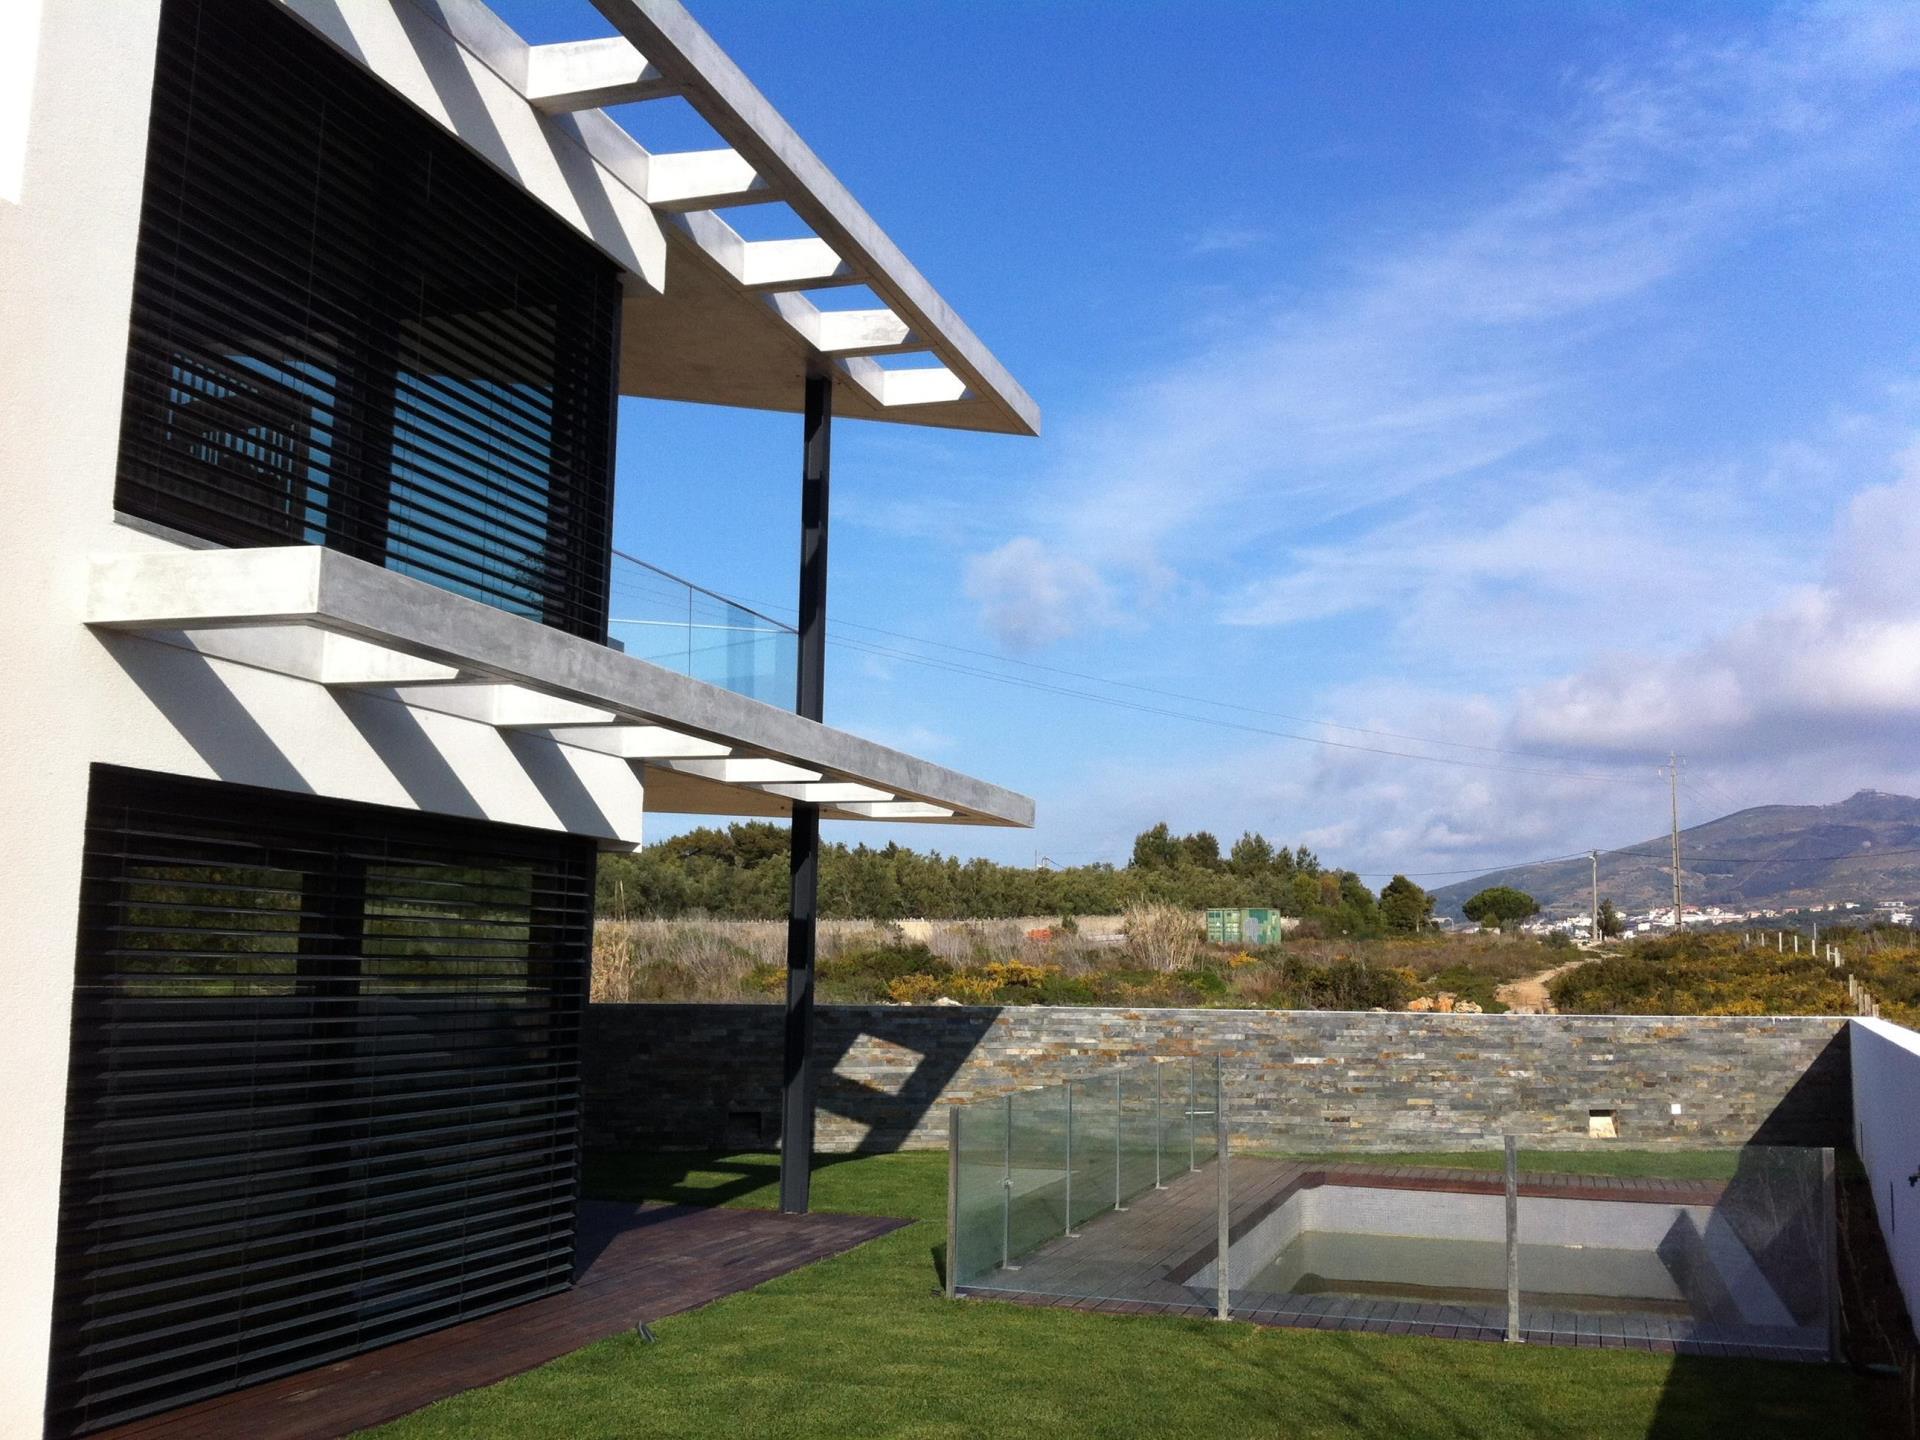 Maison unifamiliale pour l Vente à Terraced house, 4 bedrooms, for Sale Murches, Cascais, Lisbonne Portugal